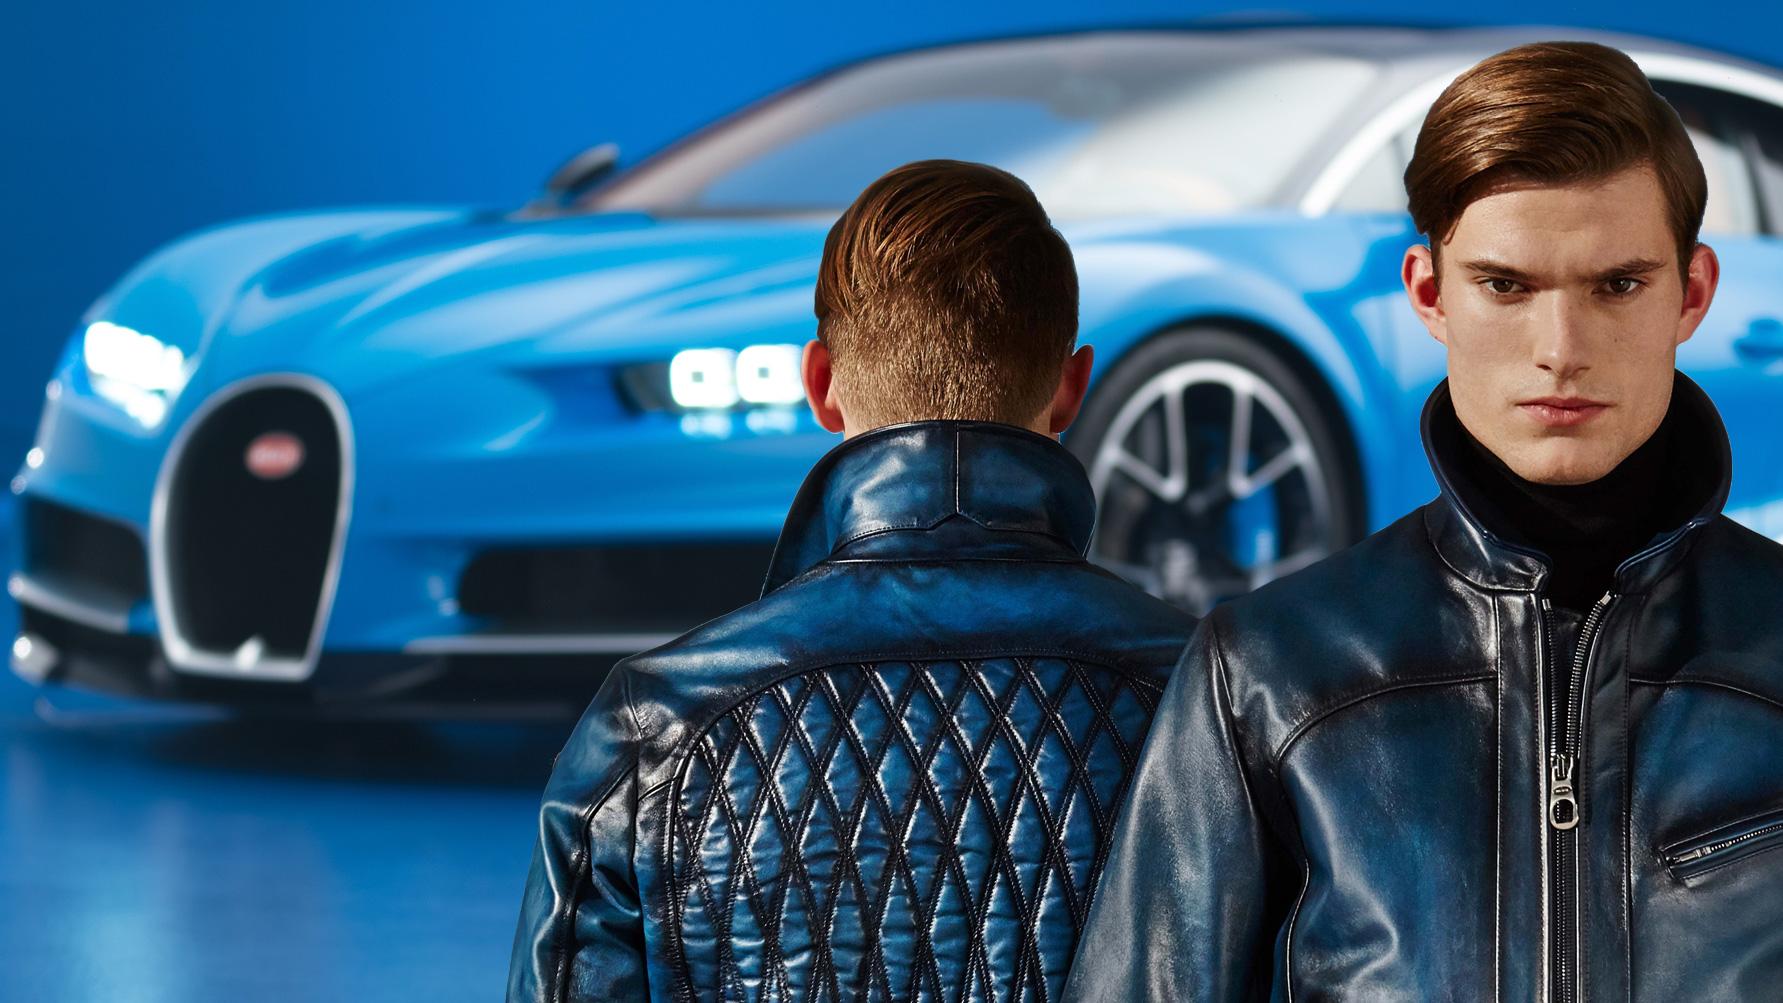 Ettore Bugatti launches the Bugatti Chiron capsule collection